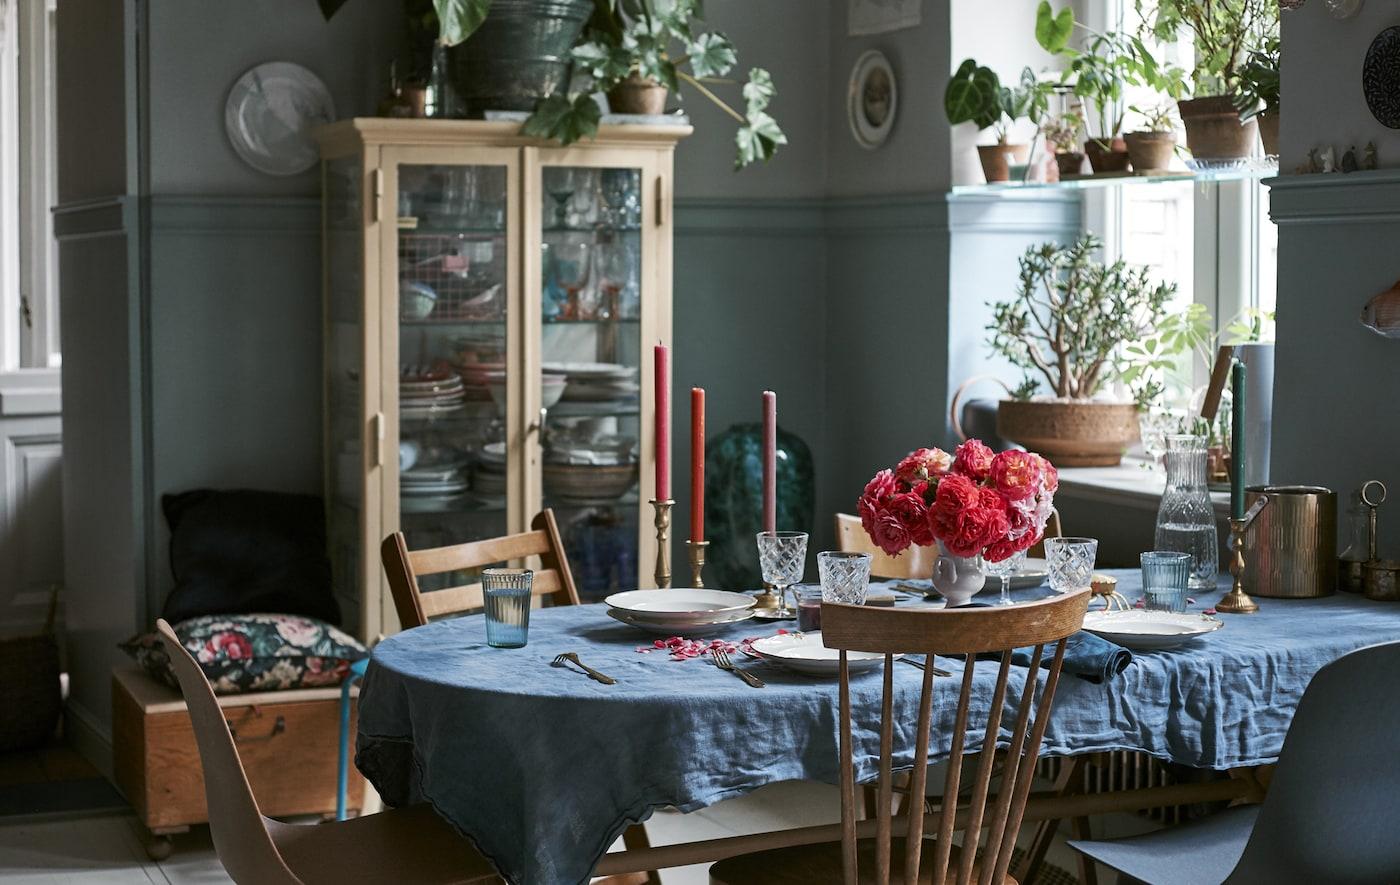 Spiseplass med bestikk, glasstøy, stoler og puter.